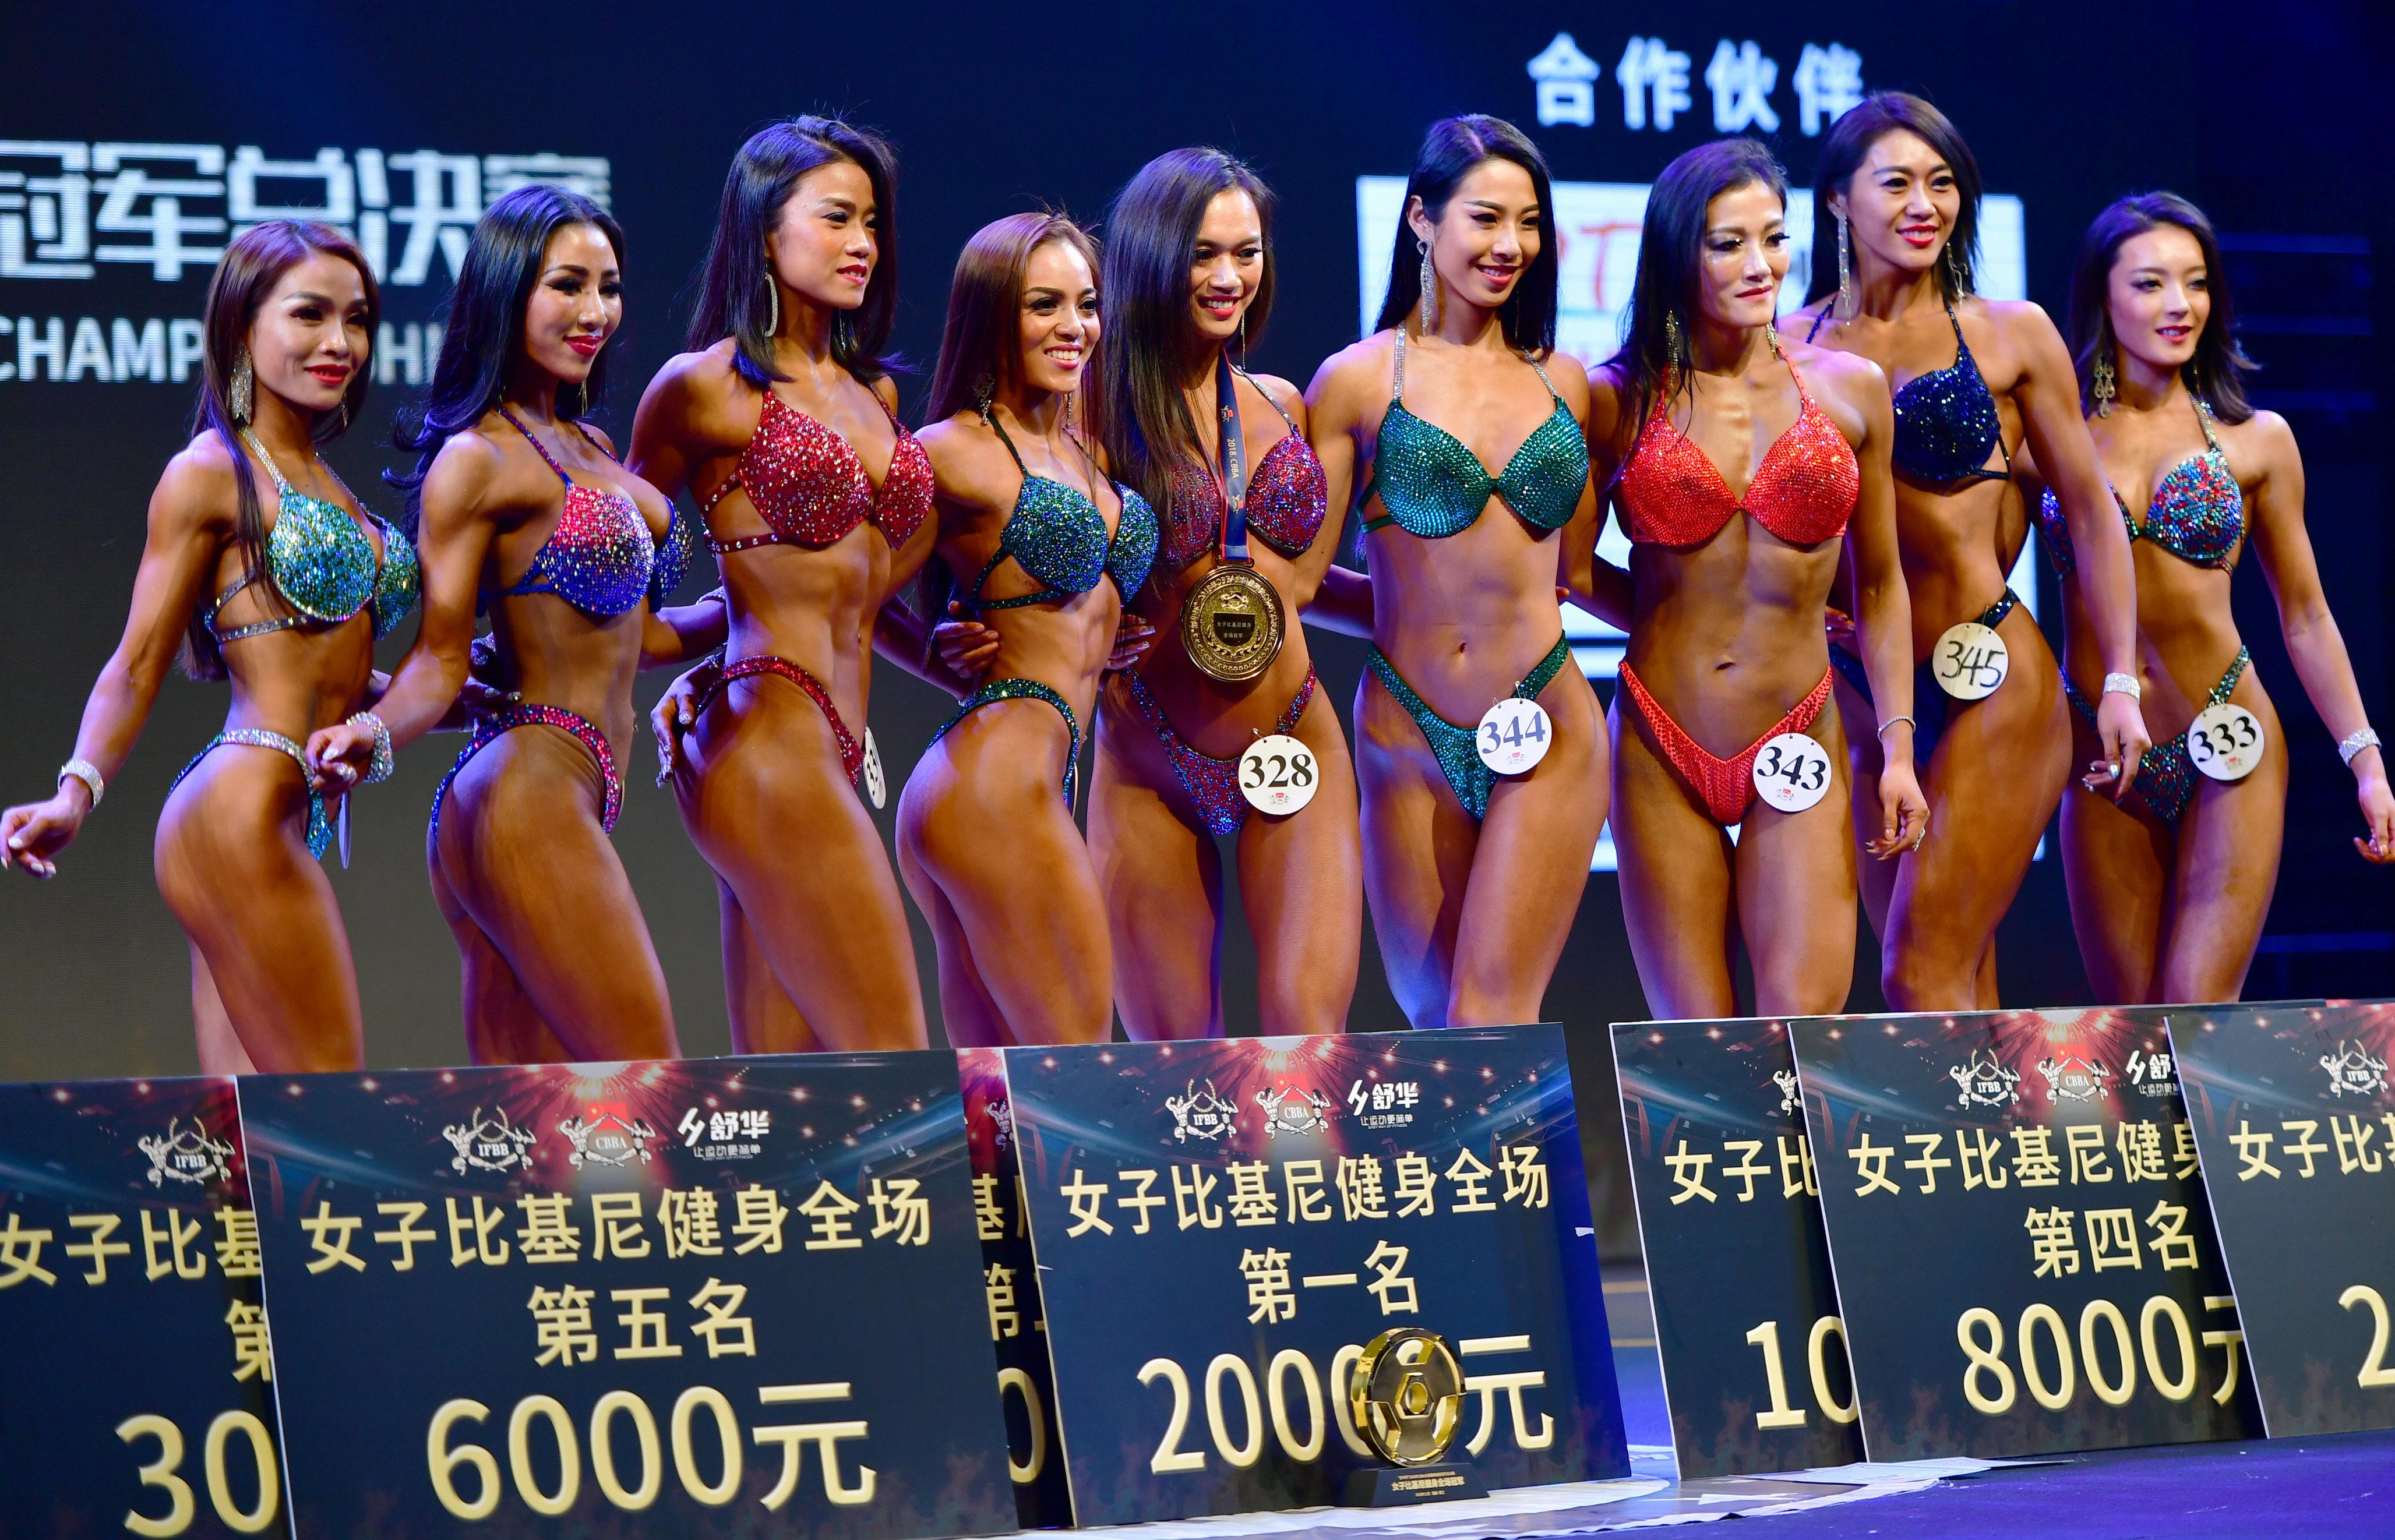 全国健美健身冠军总决赛在福建晋江举行